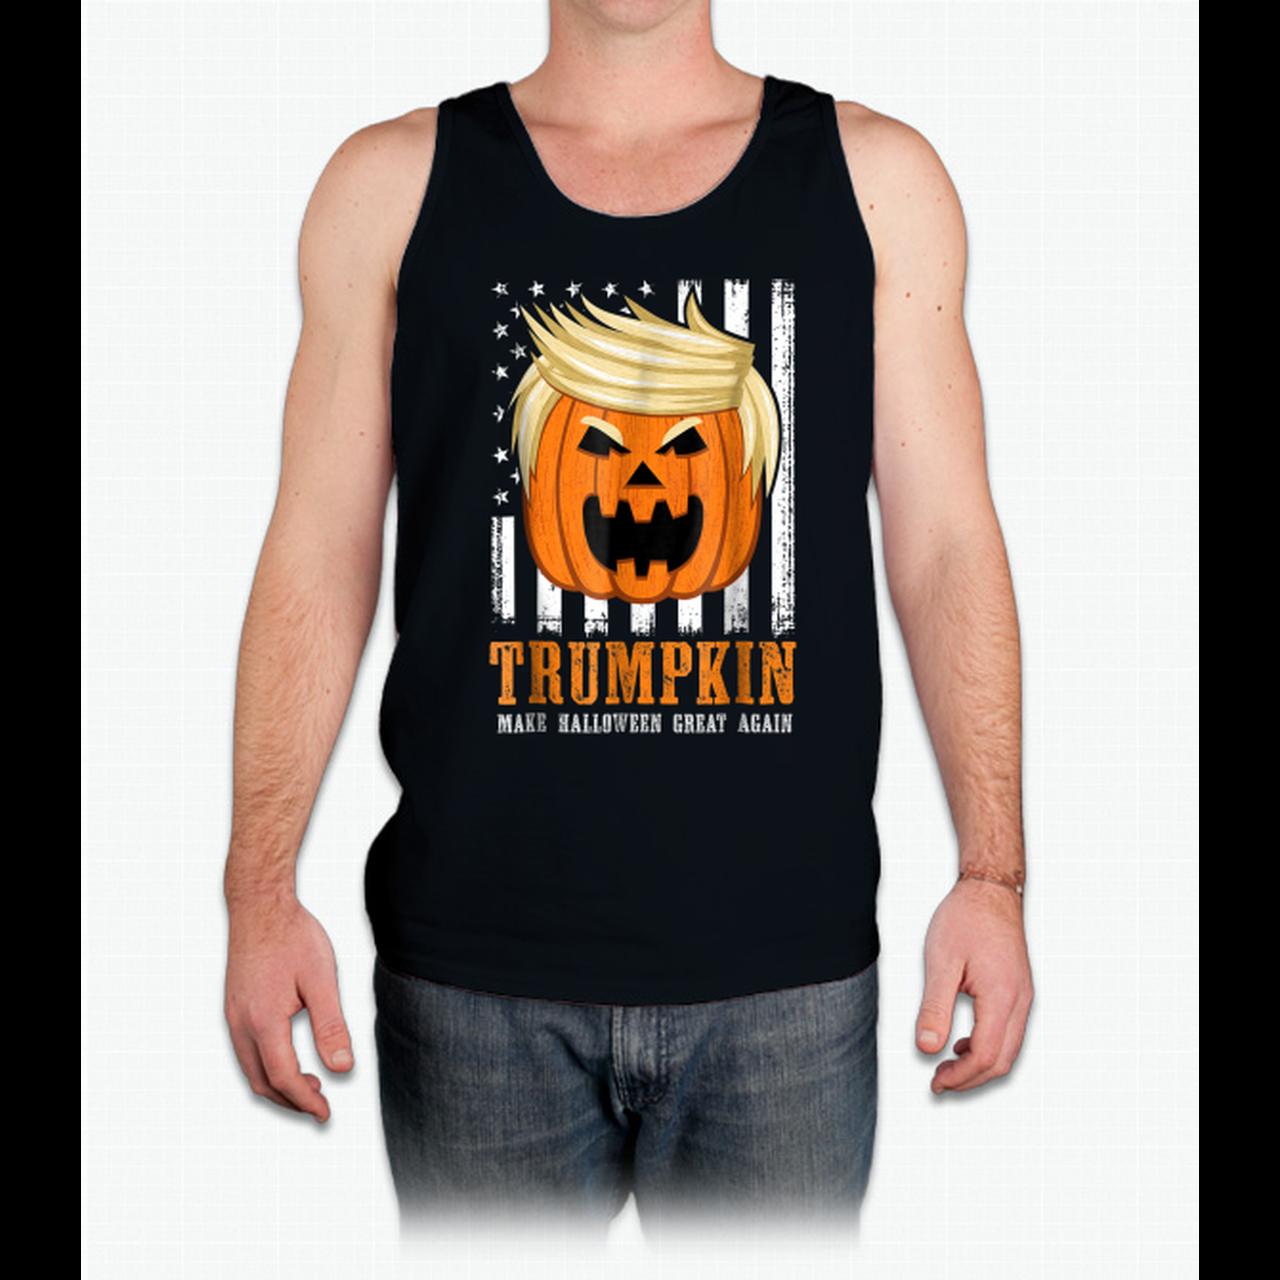 Usa Trumpkin Make Halloween Great Again Funny S 120857812 Shirts